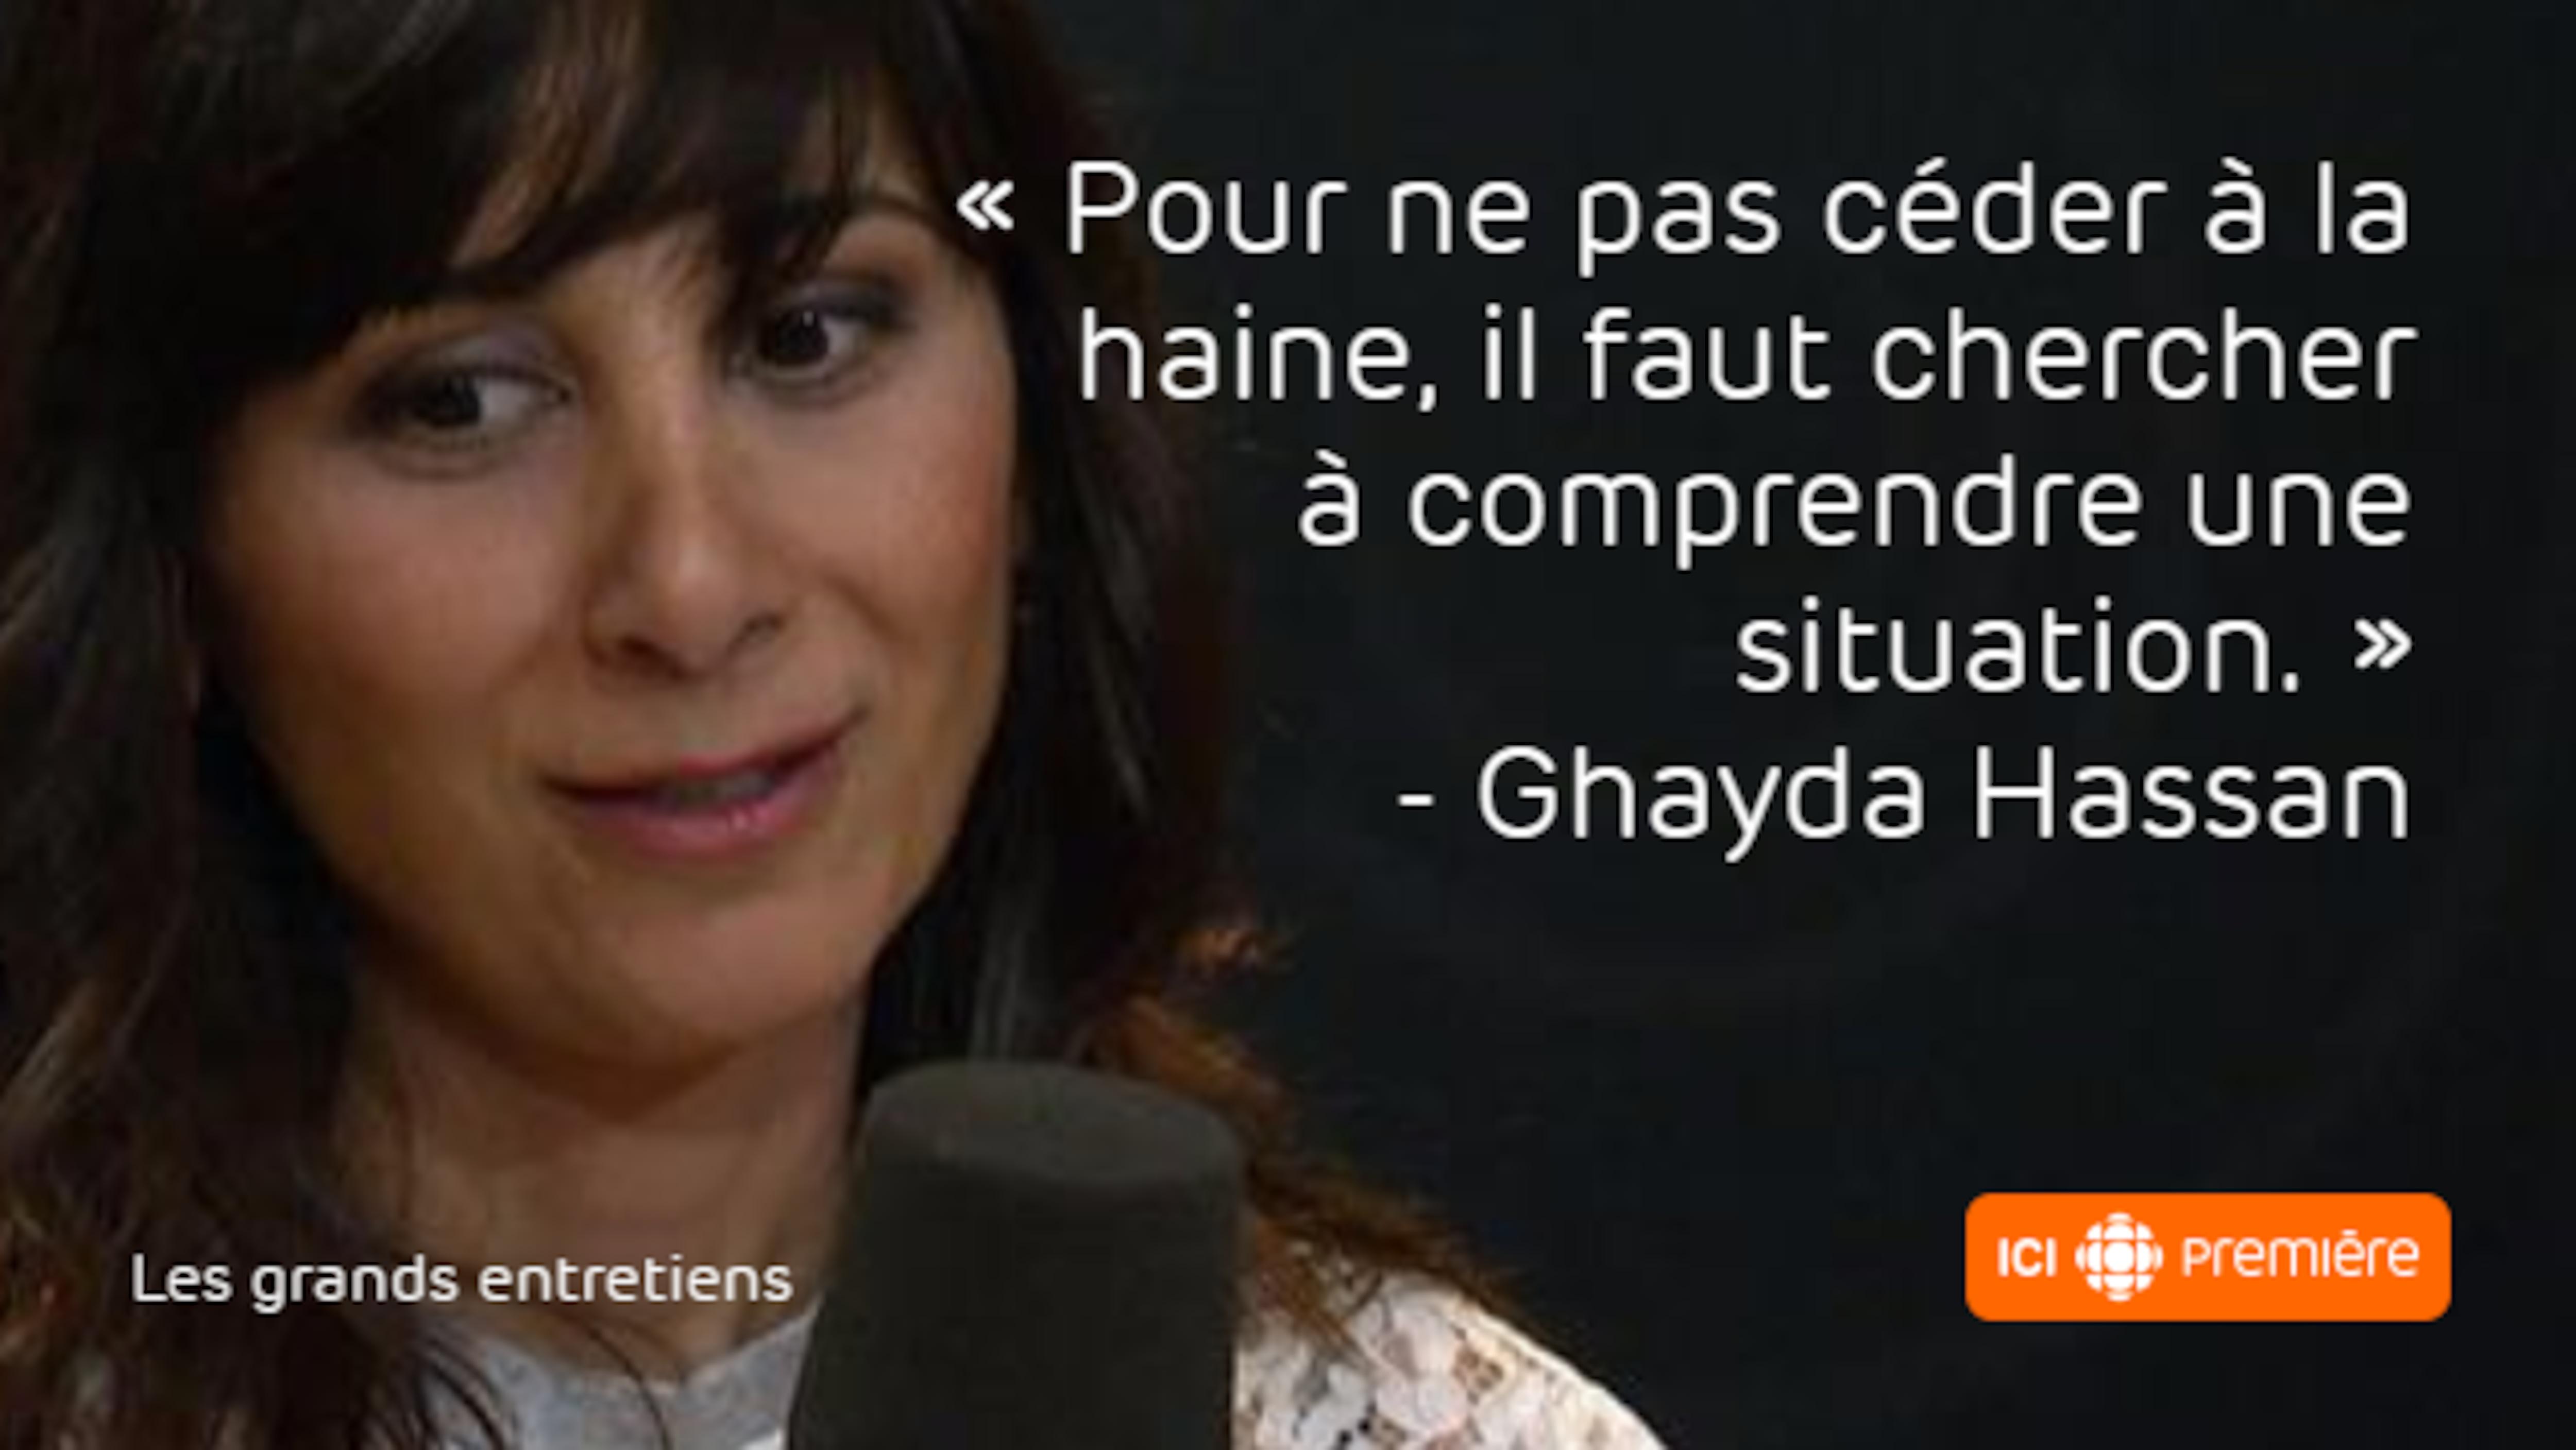 Citation de la professeure en psychologie Ghayda Hassan : «Pour ne pas céder à la haine, il faut chercher à comprendre une situation.»